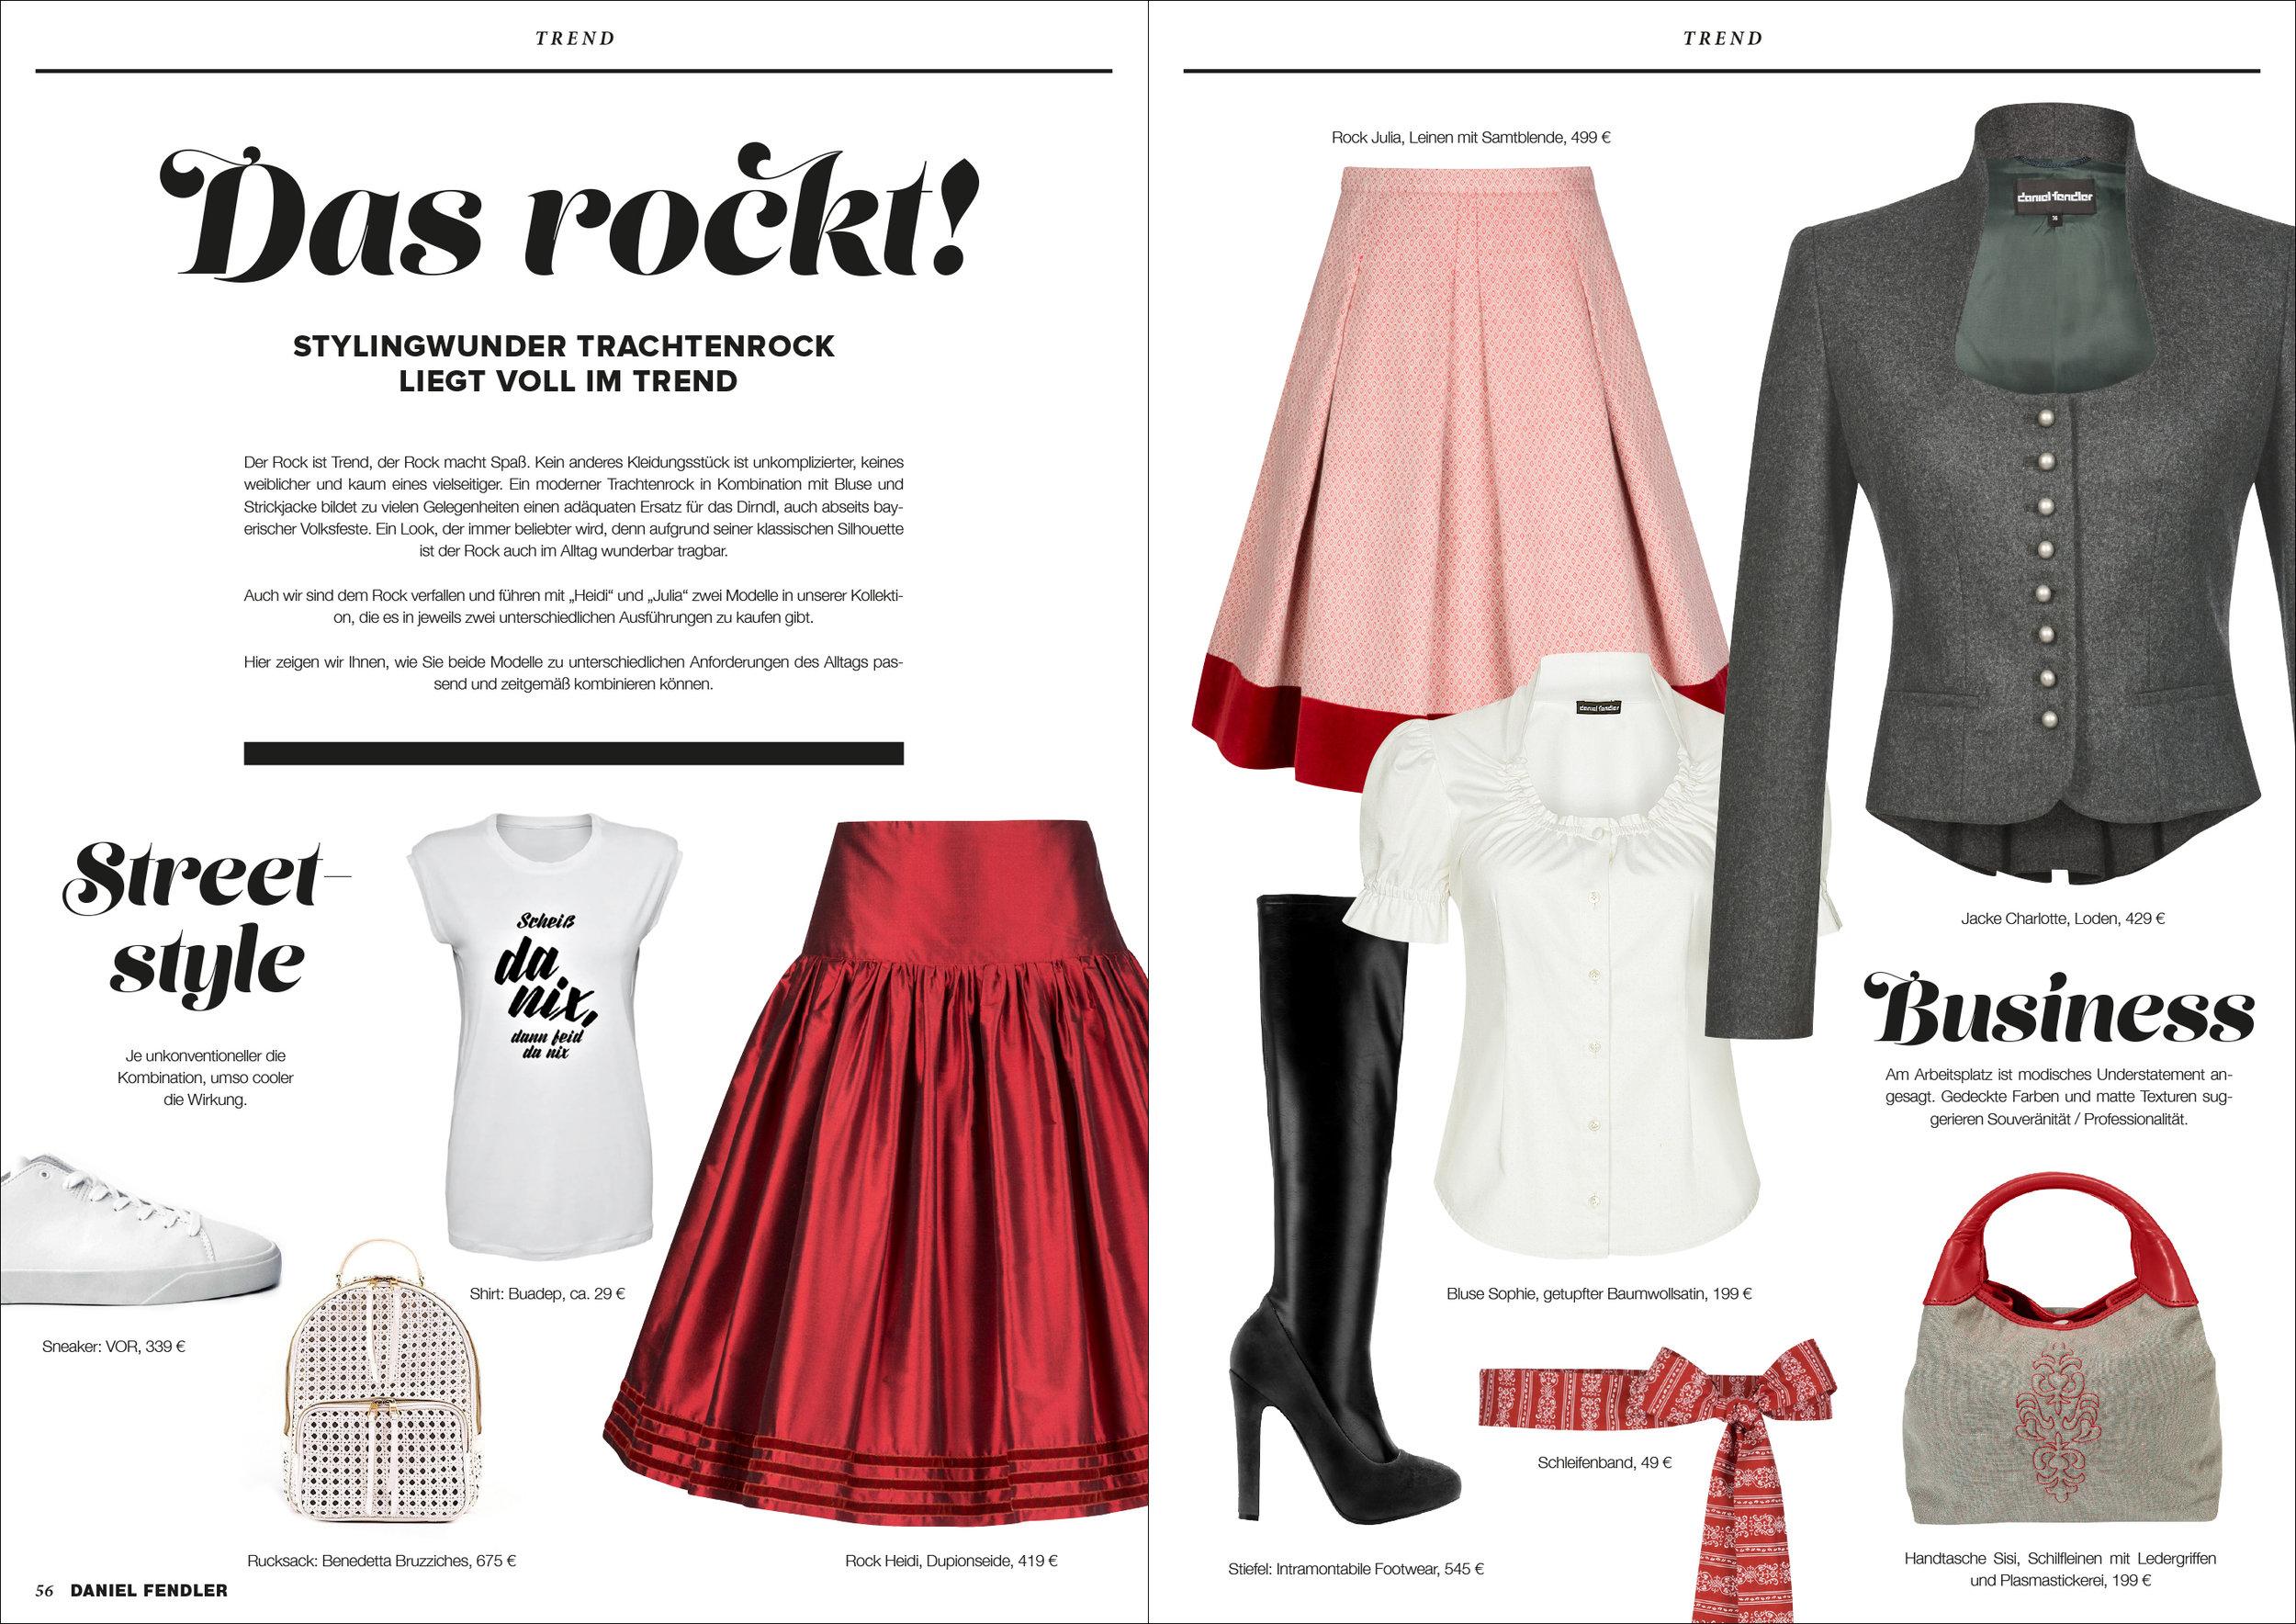 Trachten-Magazin-4-Trend1.jpg